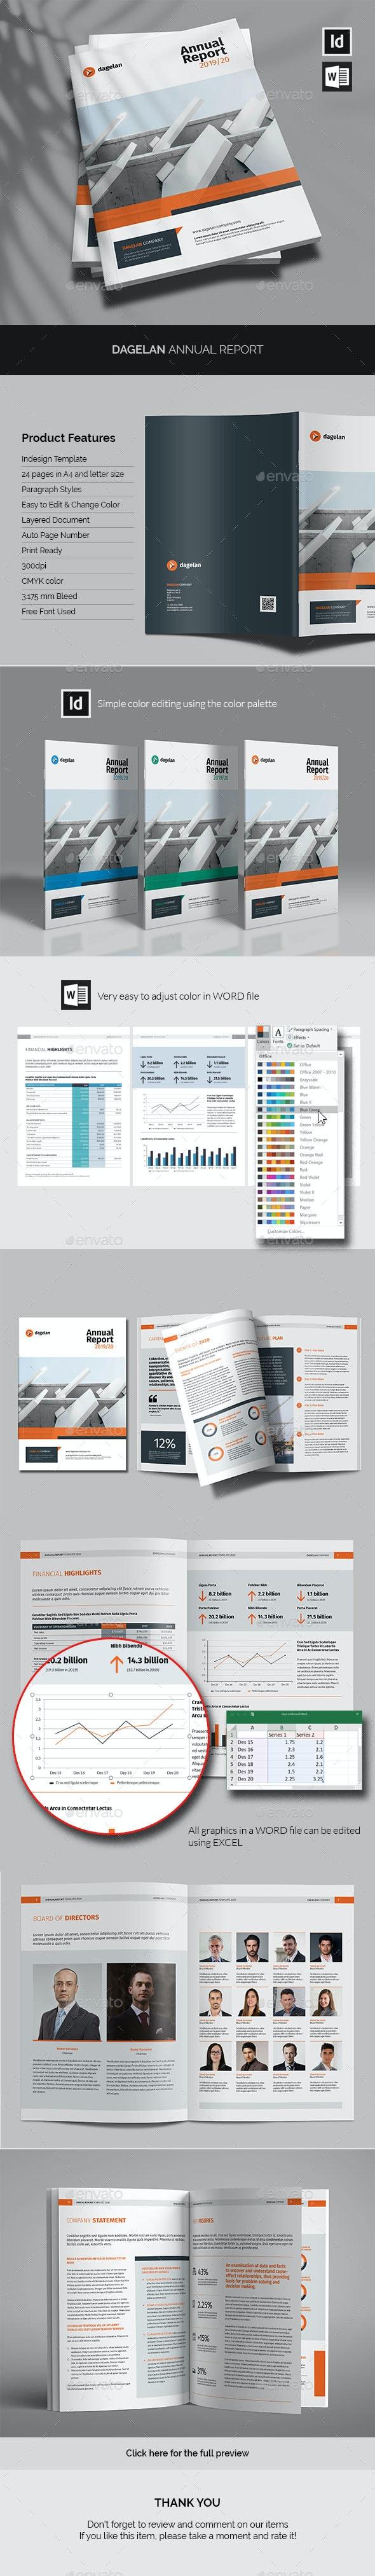 Dagelan Annual Report